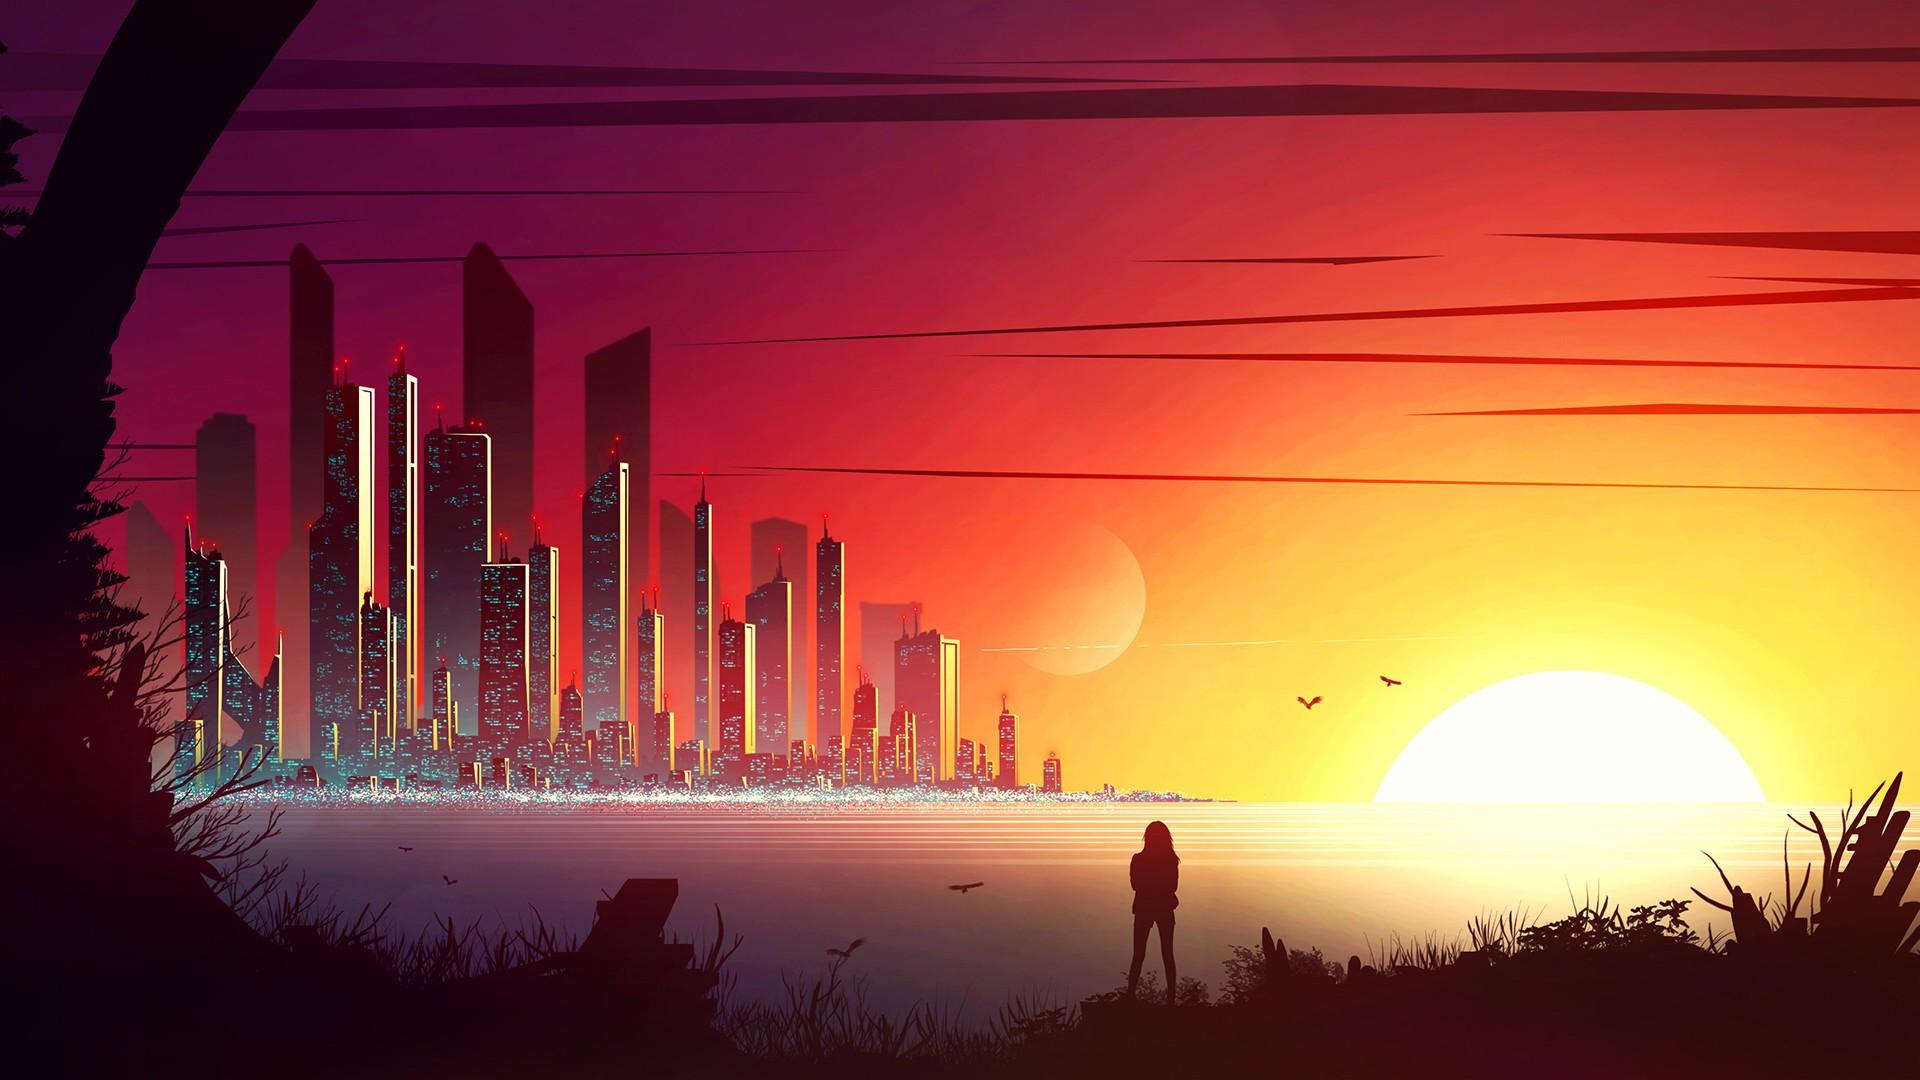 Papel De Parede Ilustracao Arte Digital Por Do Sol Cidade